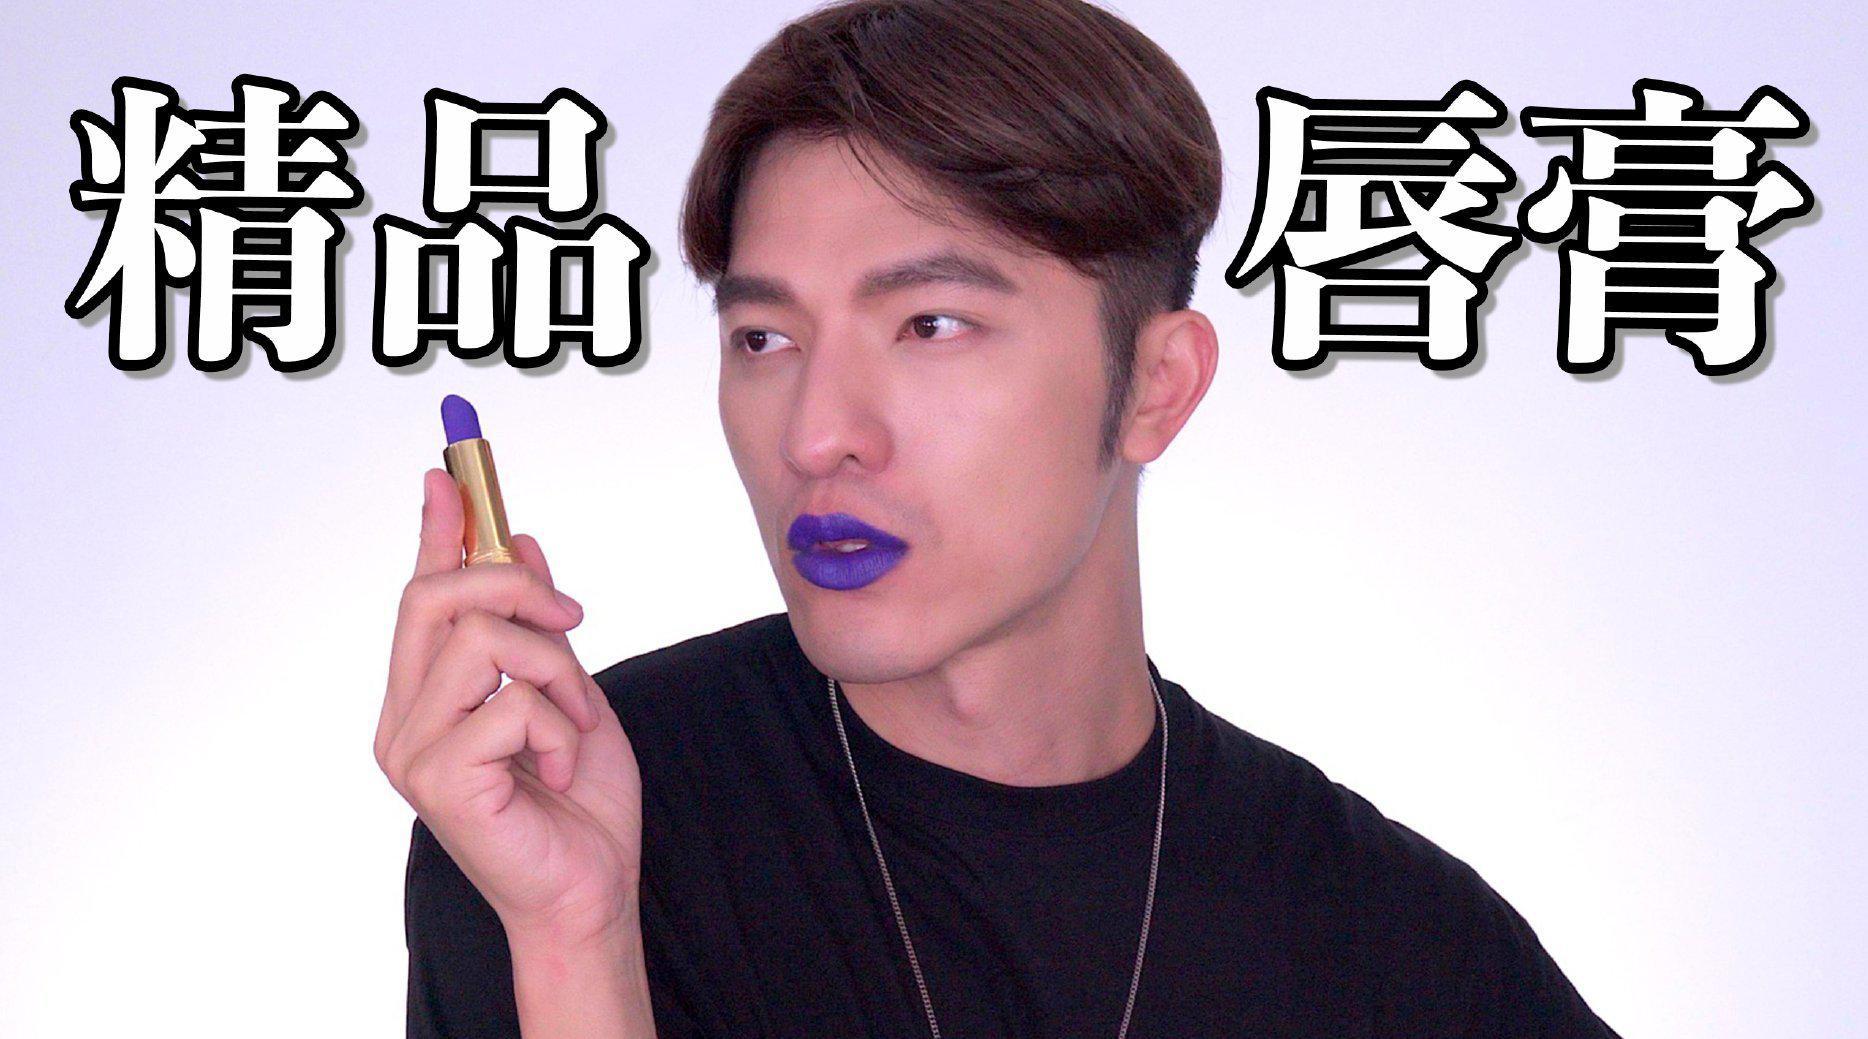 大家敲碗多時的GUCCI Hermès唇膏試色分析終於來啦🔥 只能說包裝